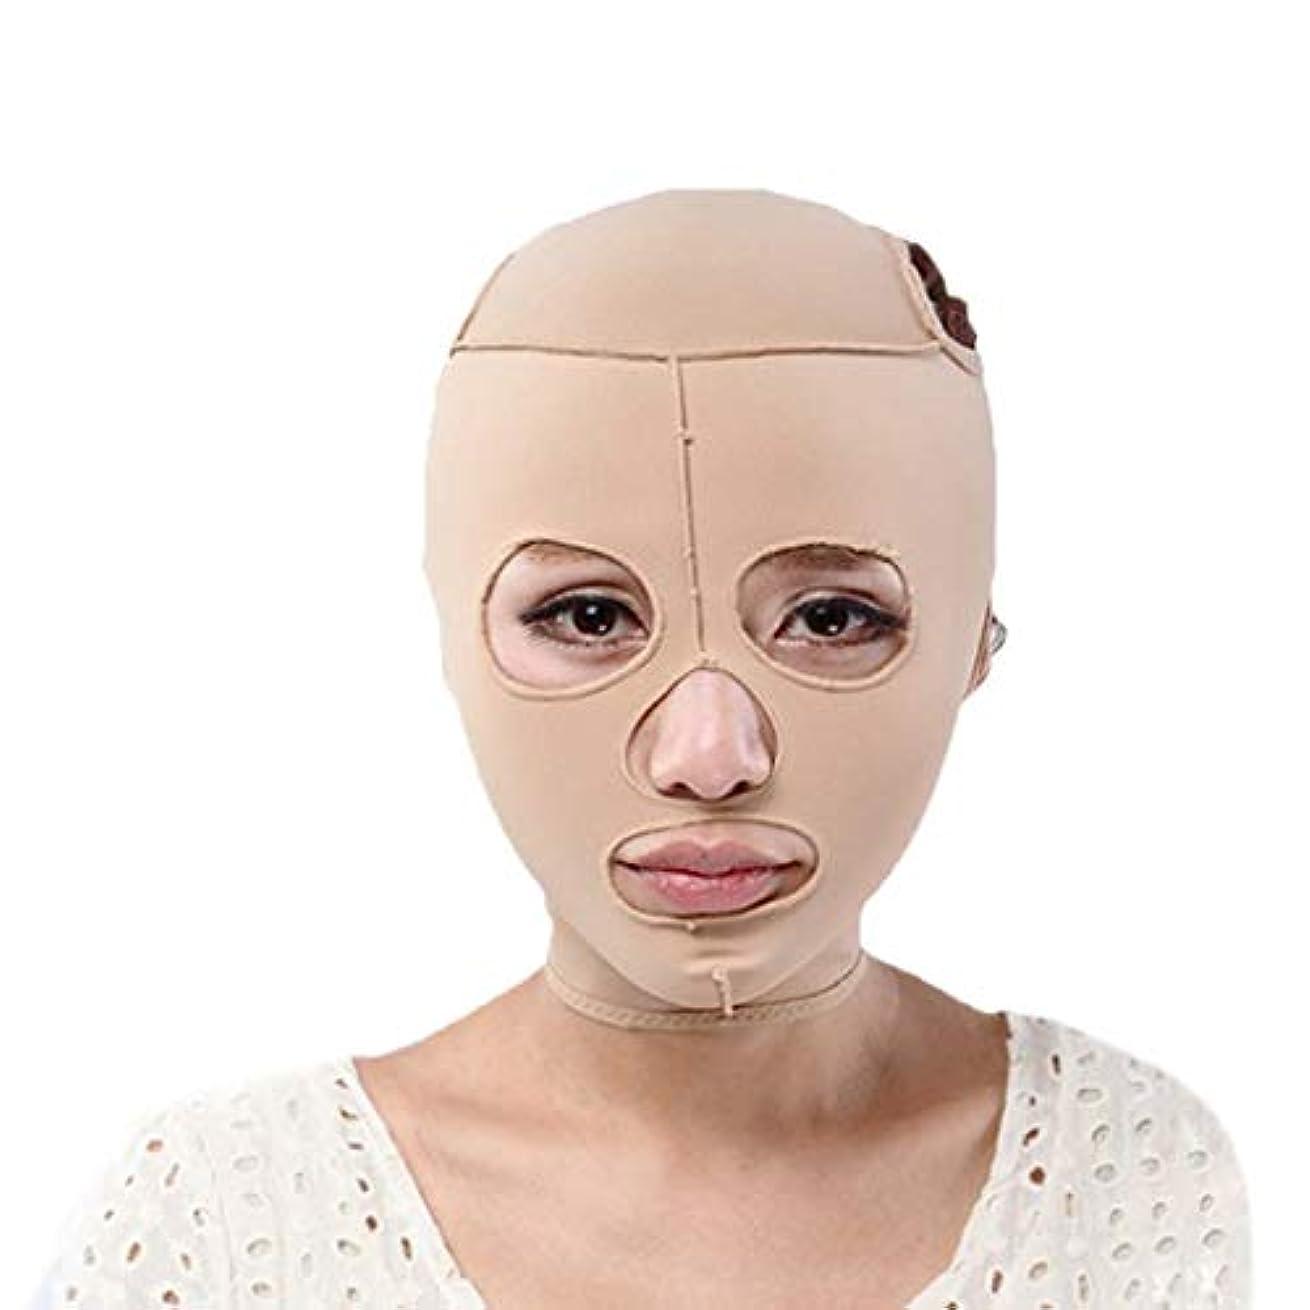 チンストラップ、顔の減量アンチシワマスク、快適な通気性マスク付きオールインクルーシブフェイス、薄型フェイスマスクリフティング包帯引き締め(サイズ:S),M